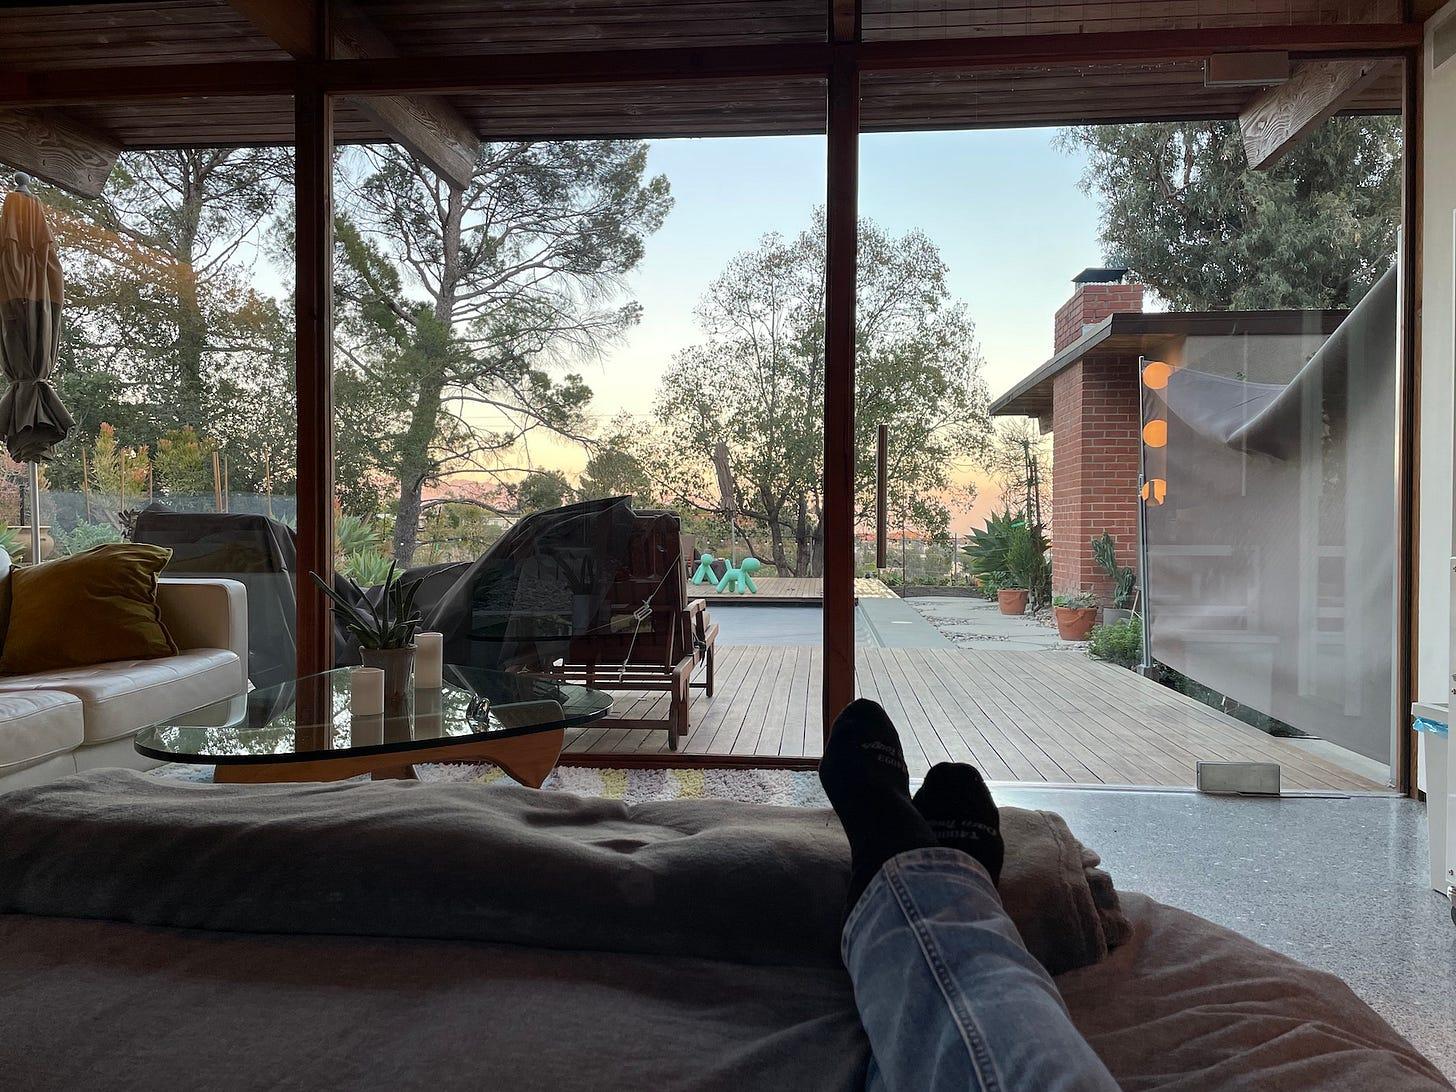 Laurel Canyon Views